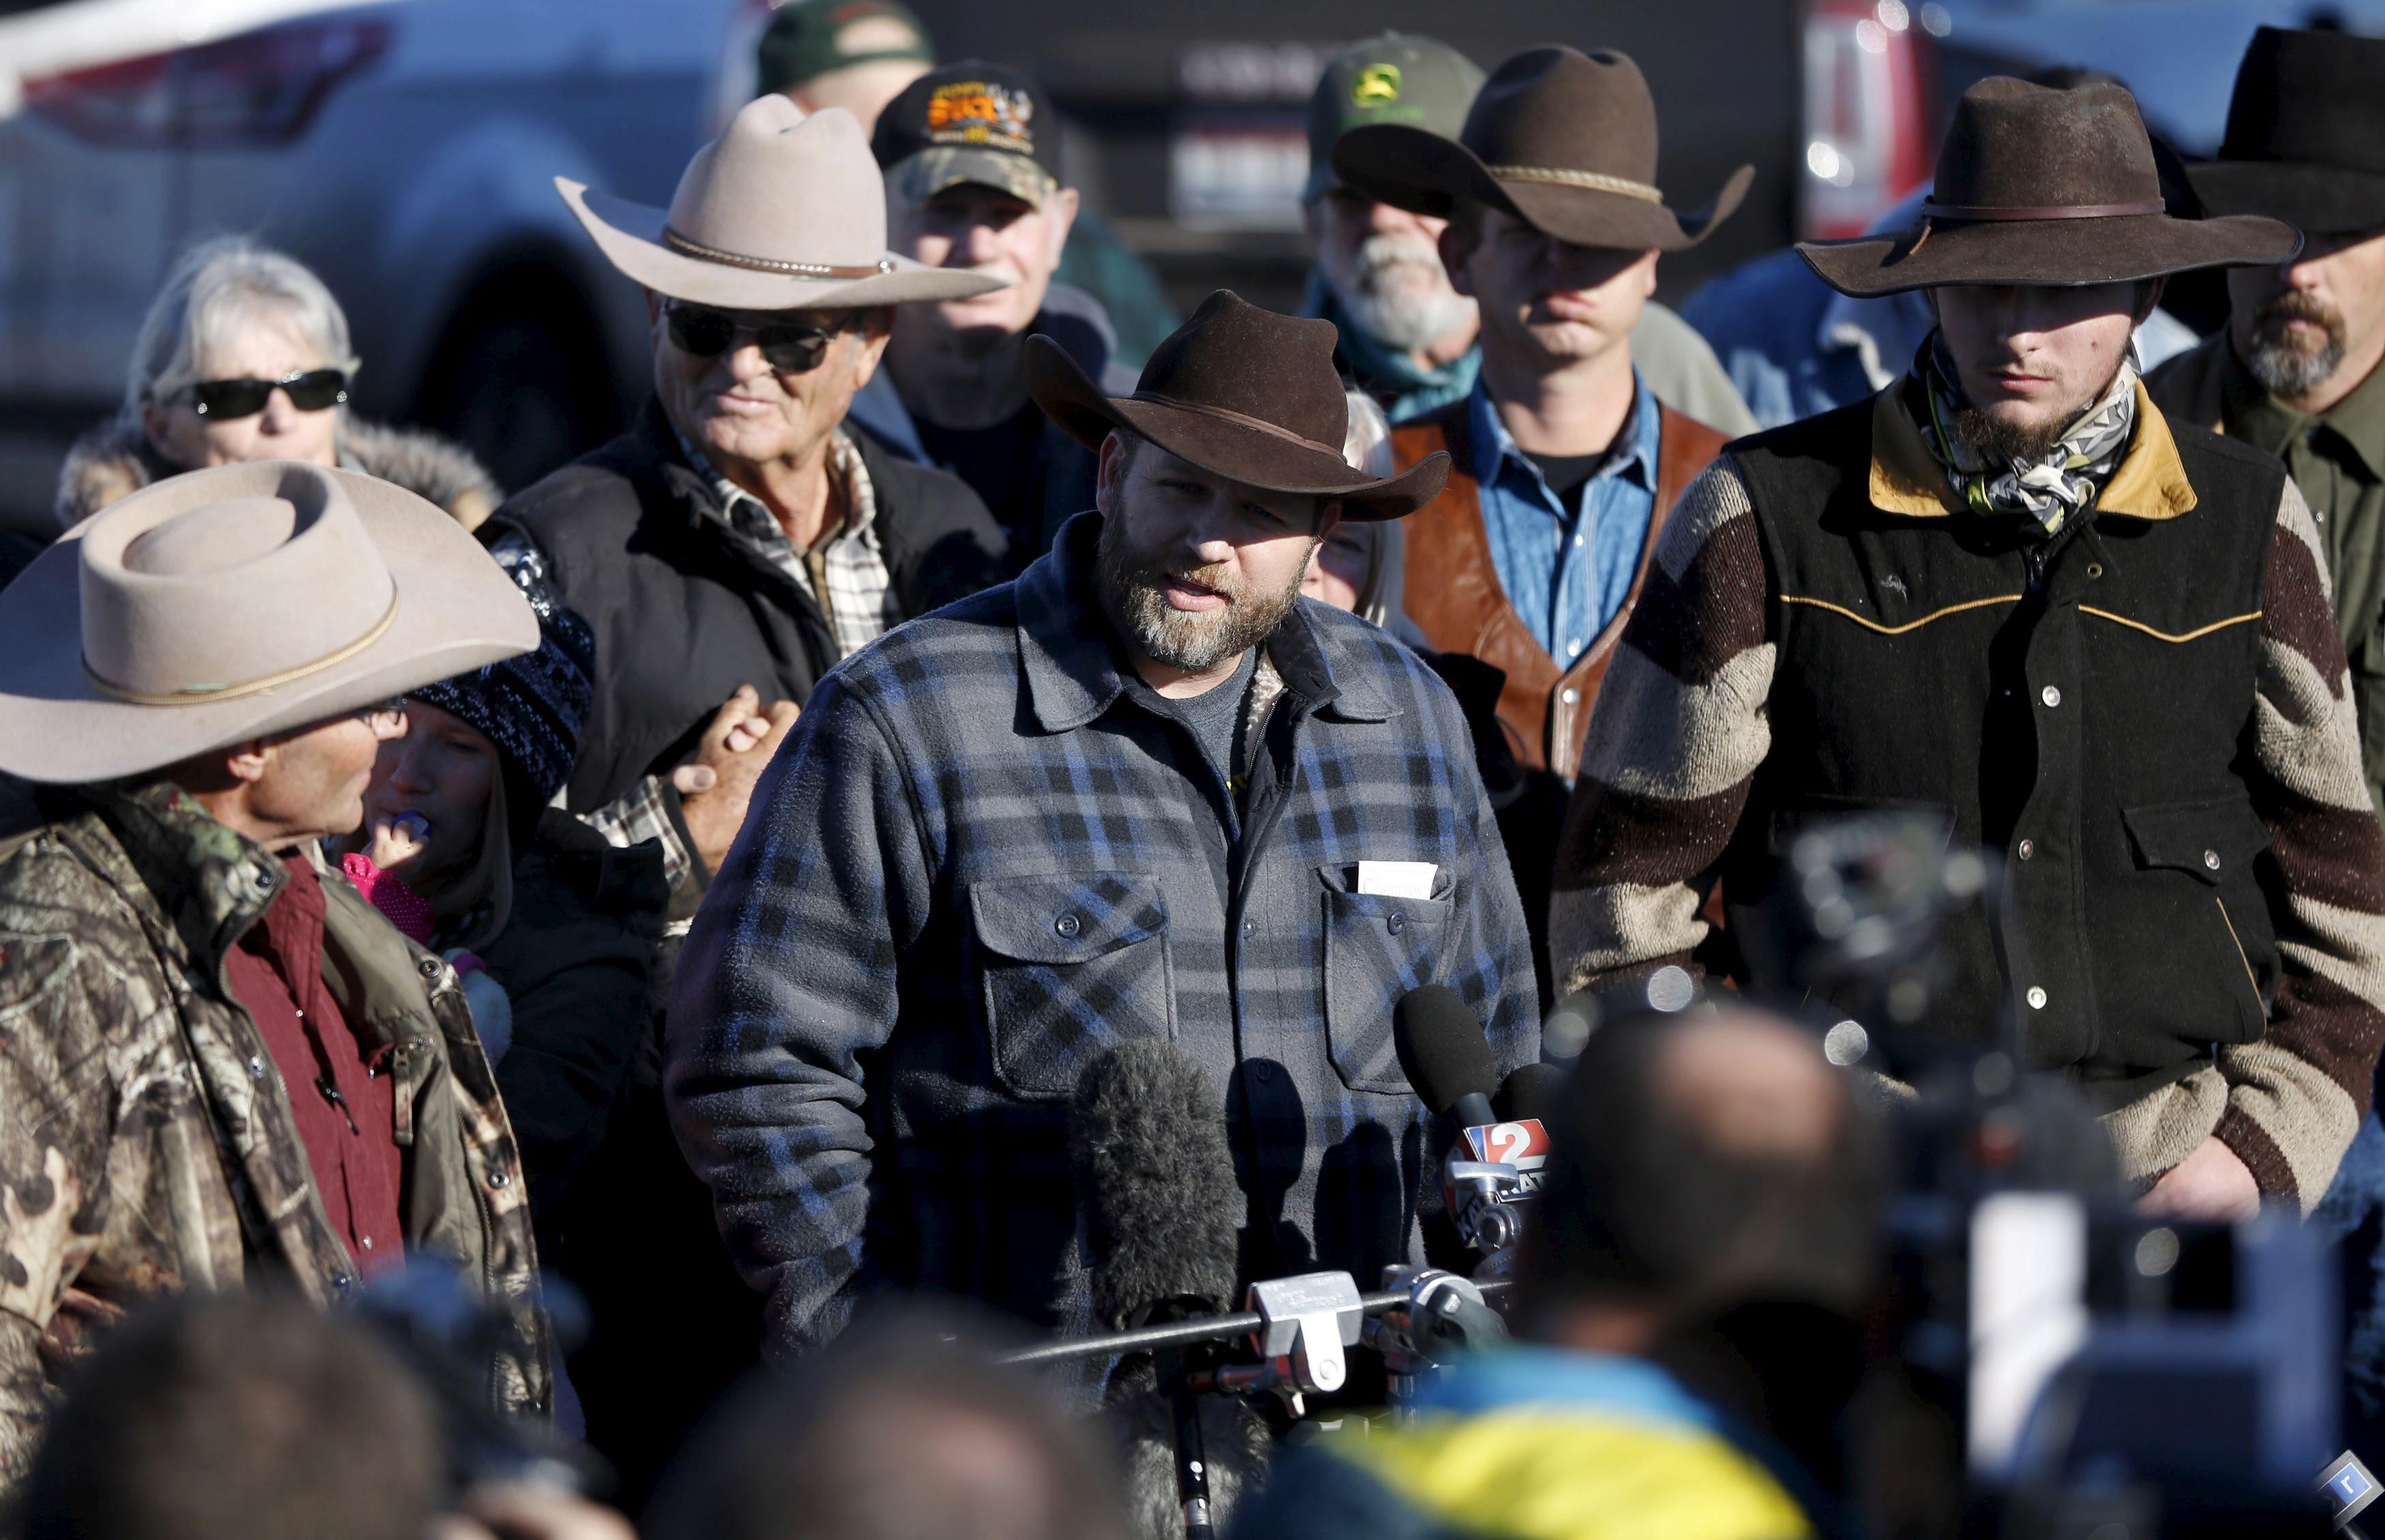 Vođa militanata Ammon Bundy daje izjavu medijima